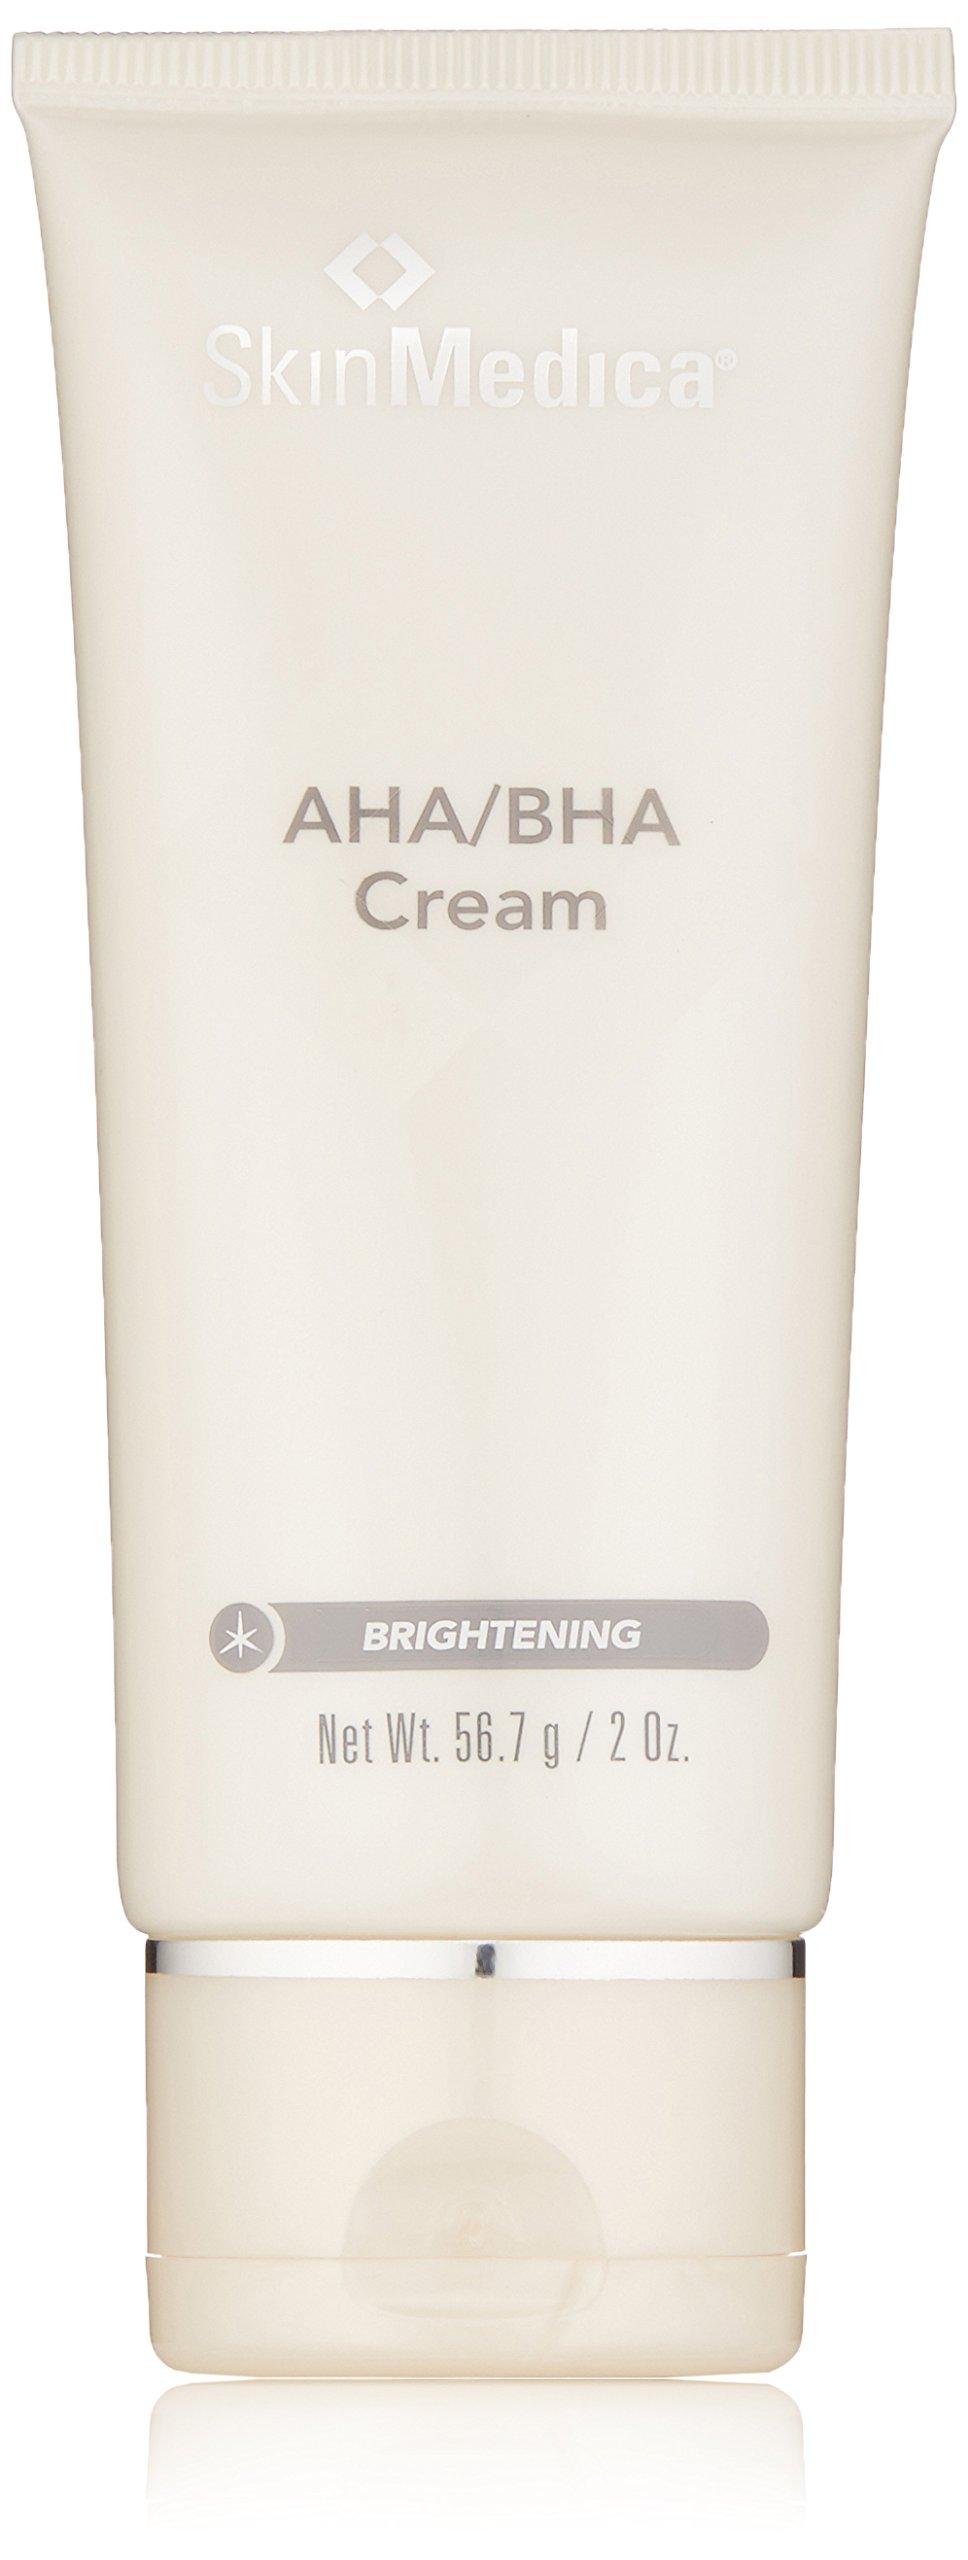 Skin Medica AHA/BHA Cream, 2 Ounce